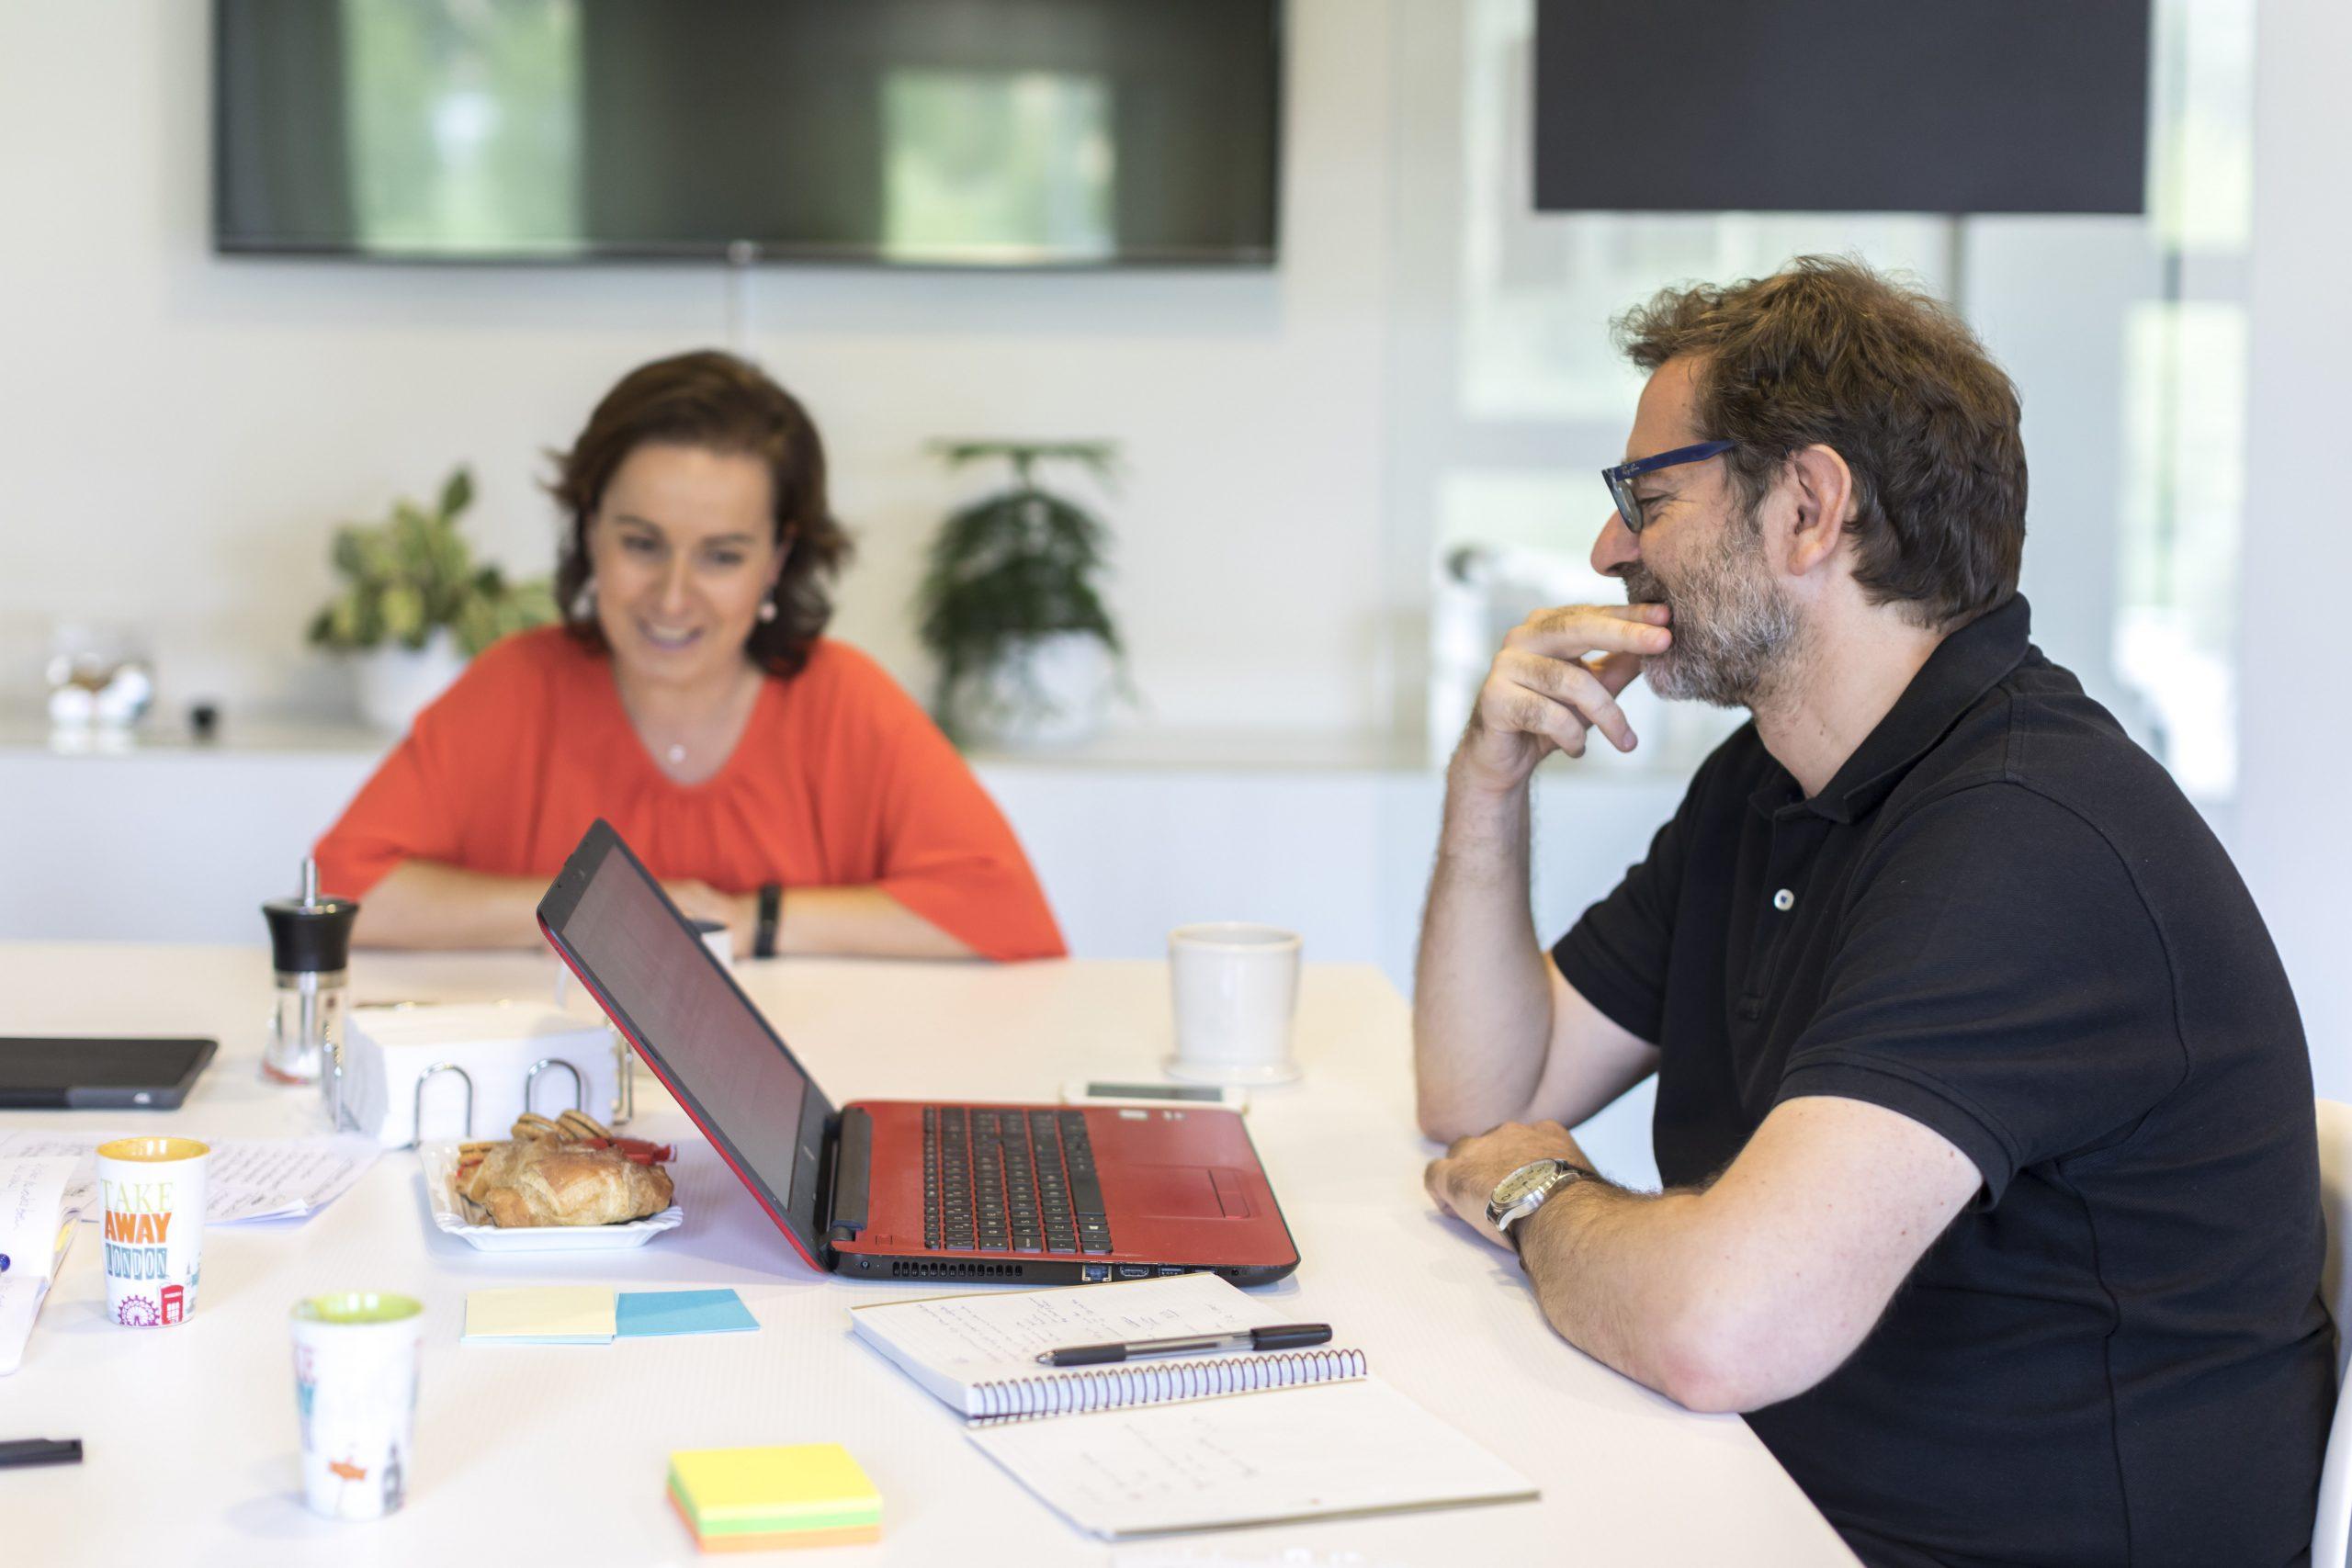 Dos personas en una reunión con el ordenador